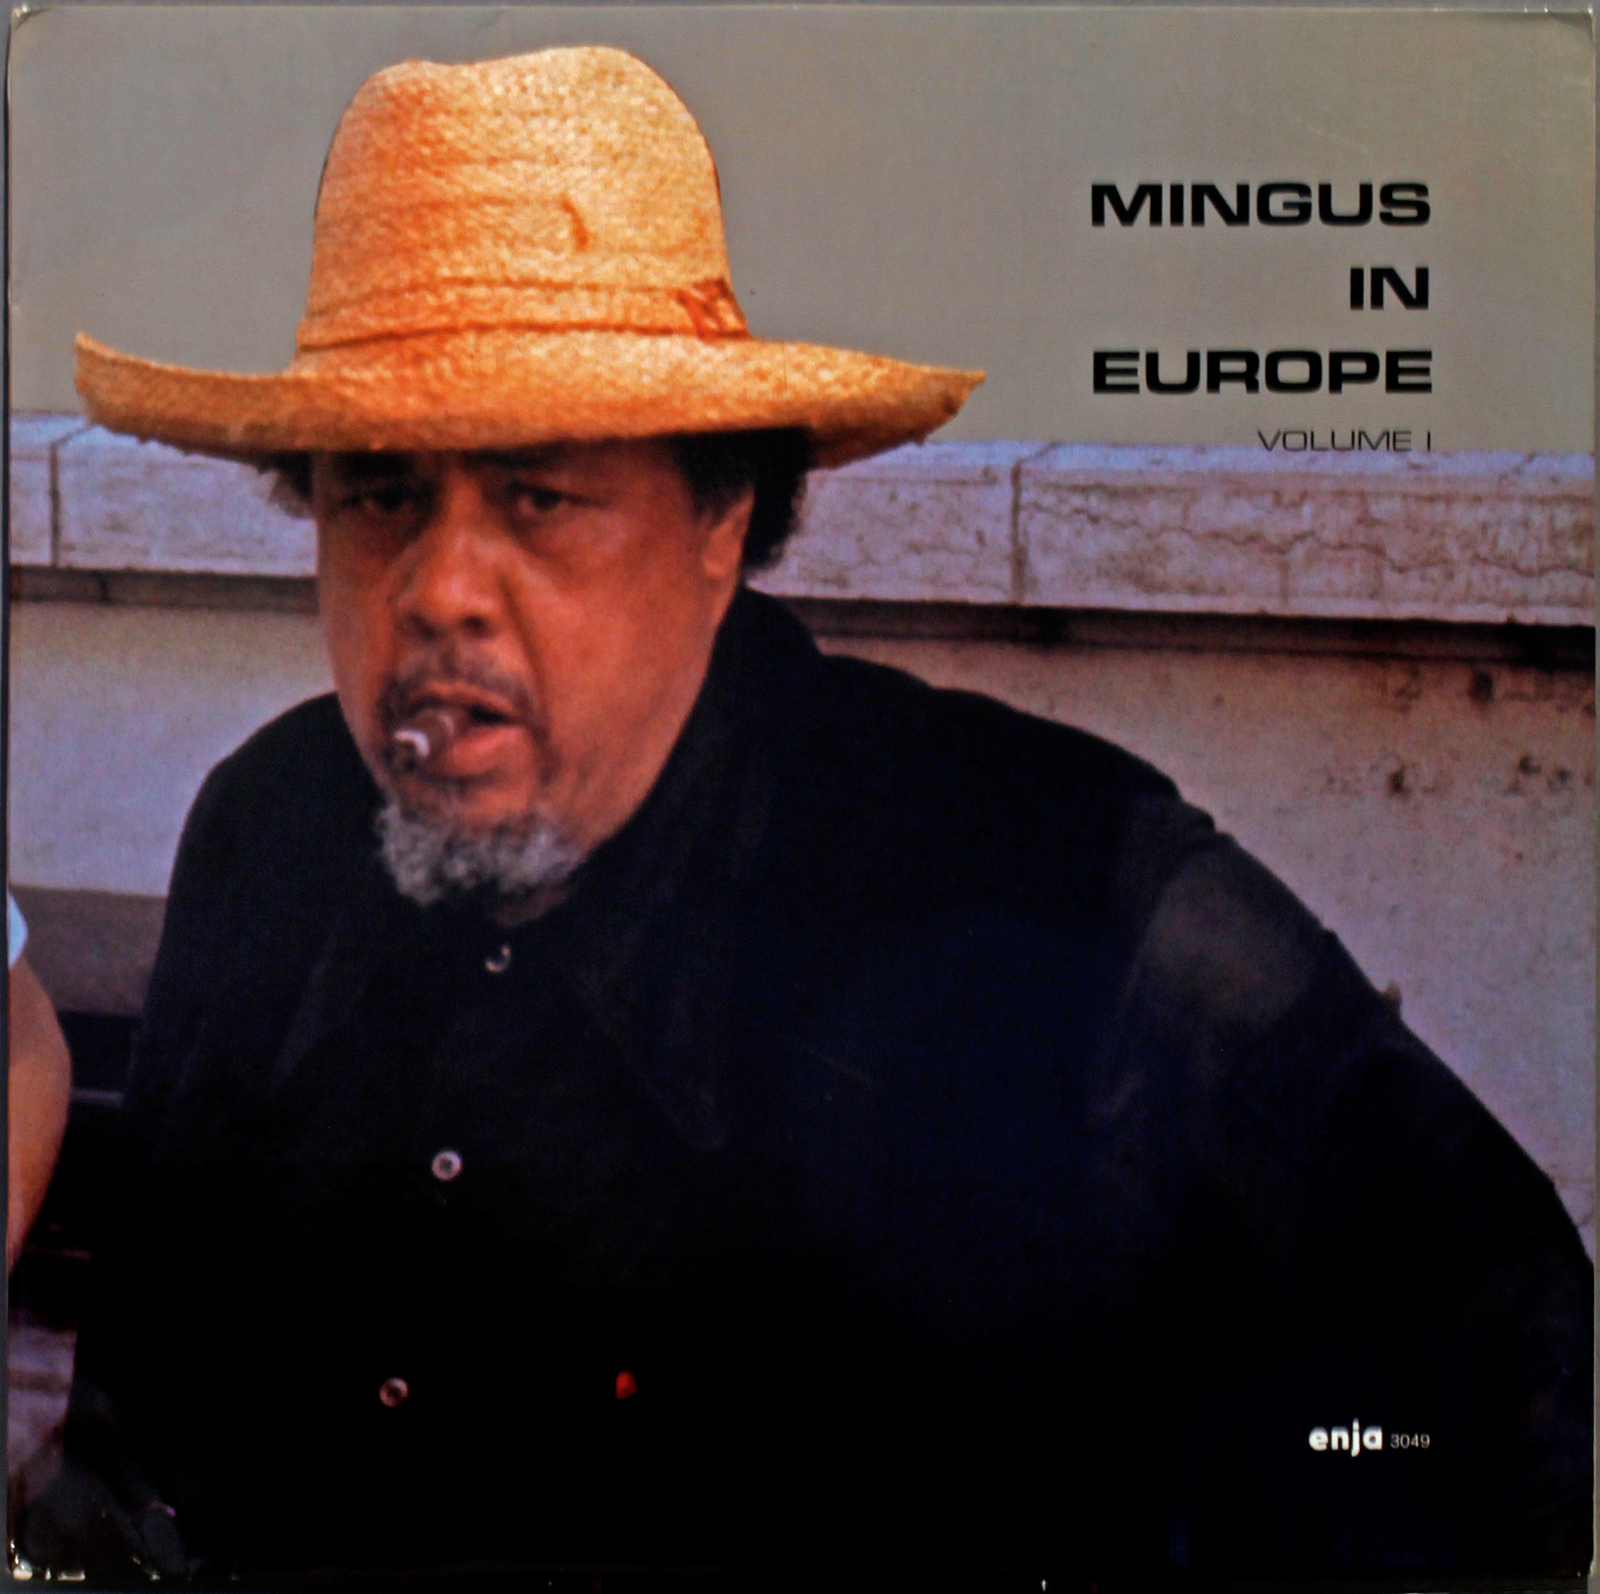 Mingus Live In Europe Vol 1 1964 Enja Londonjazzcollector